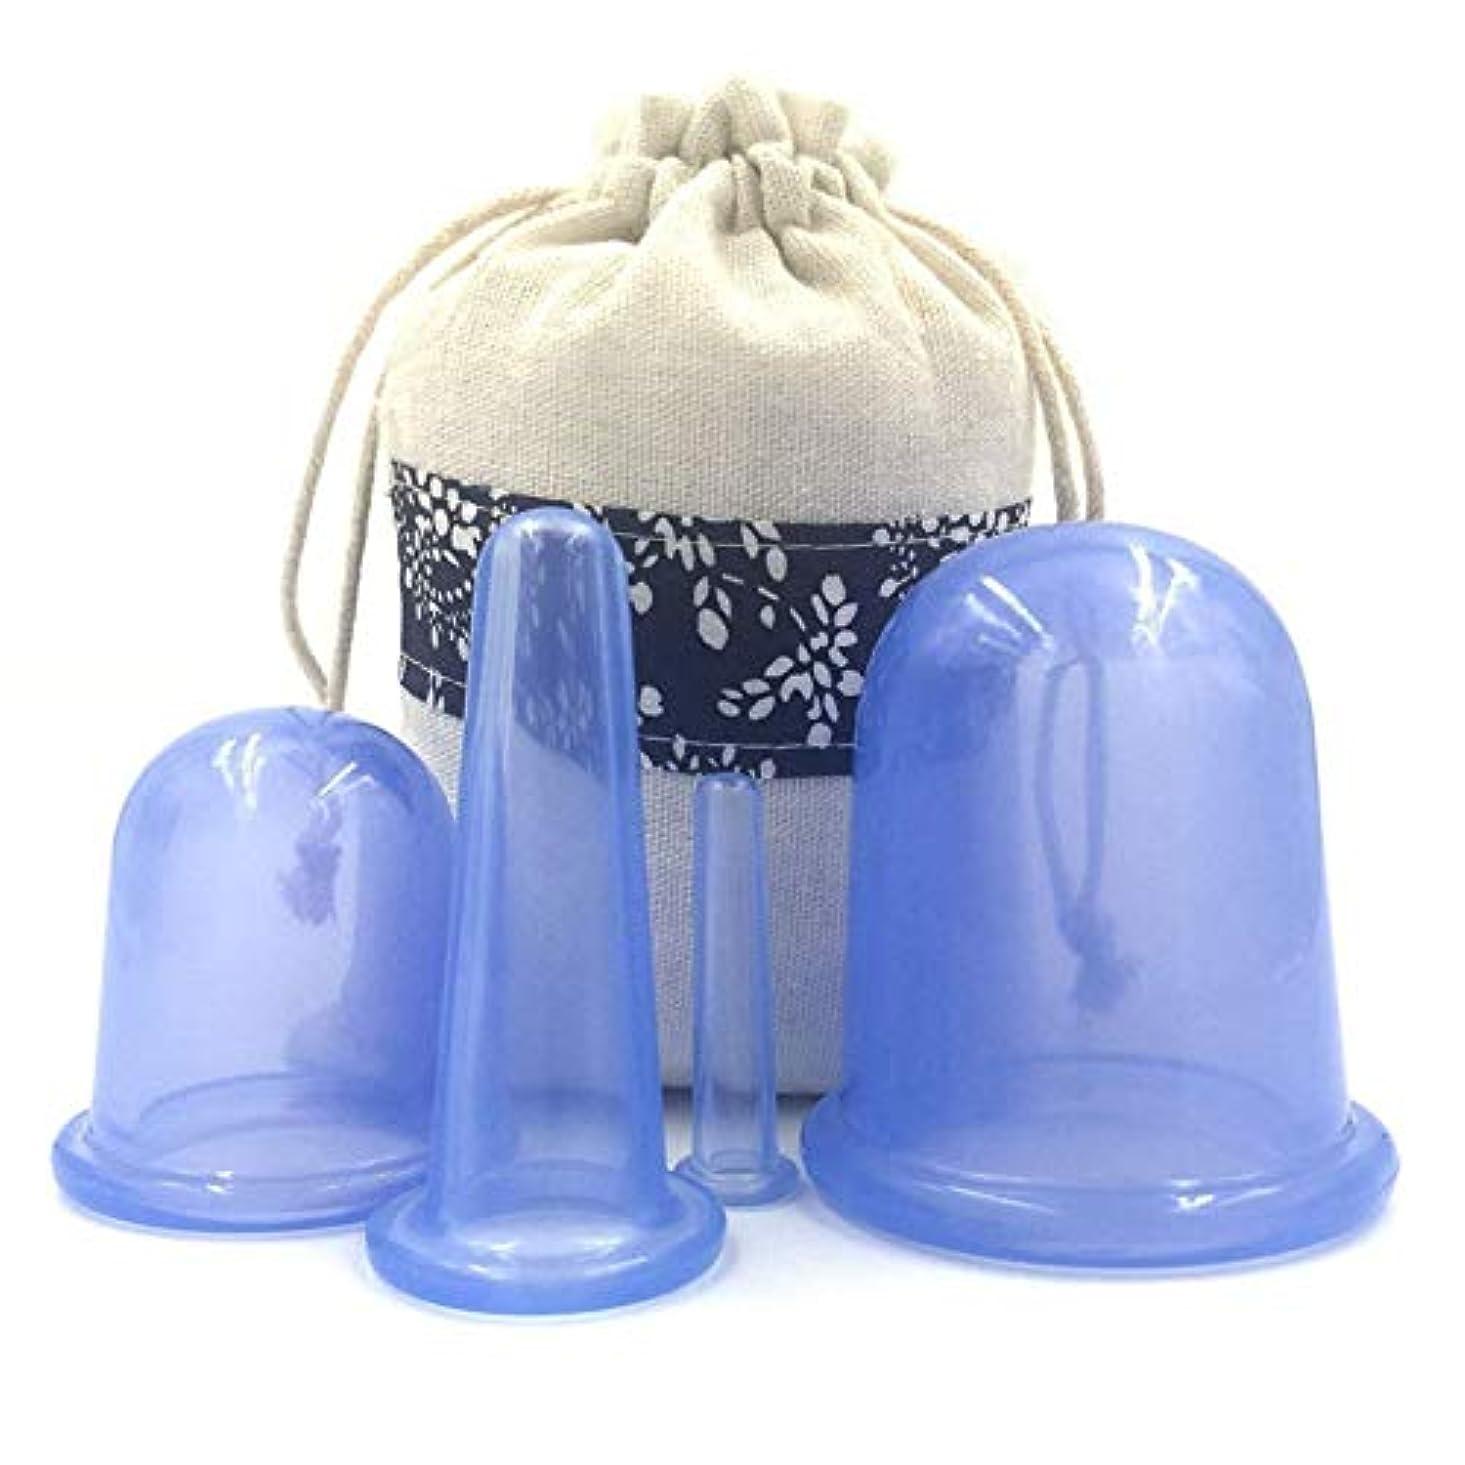 弁護インペリアル孤独治療 カッピングポンプ 吸引器-カッピング療法と筋肉痛の痛みの軽減のための4つのマッサージカップセルライトカッピング用のアンチセルライトマッサージカップ (Color : Clear)